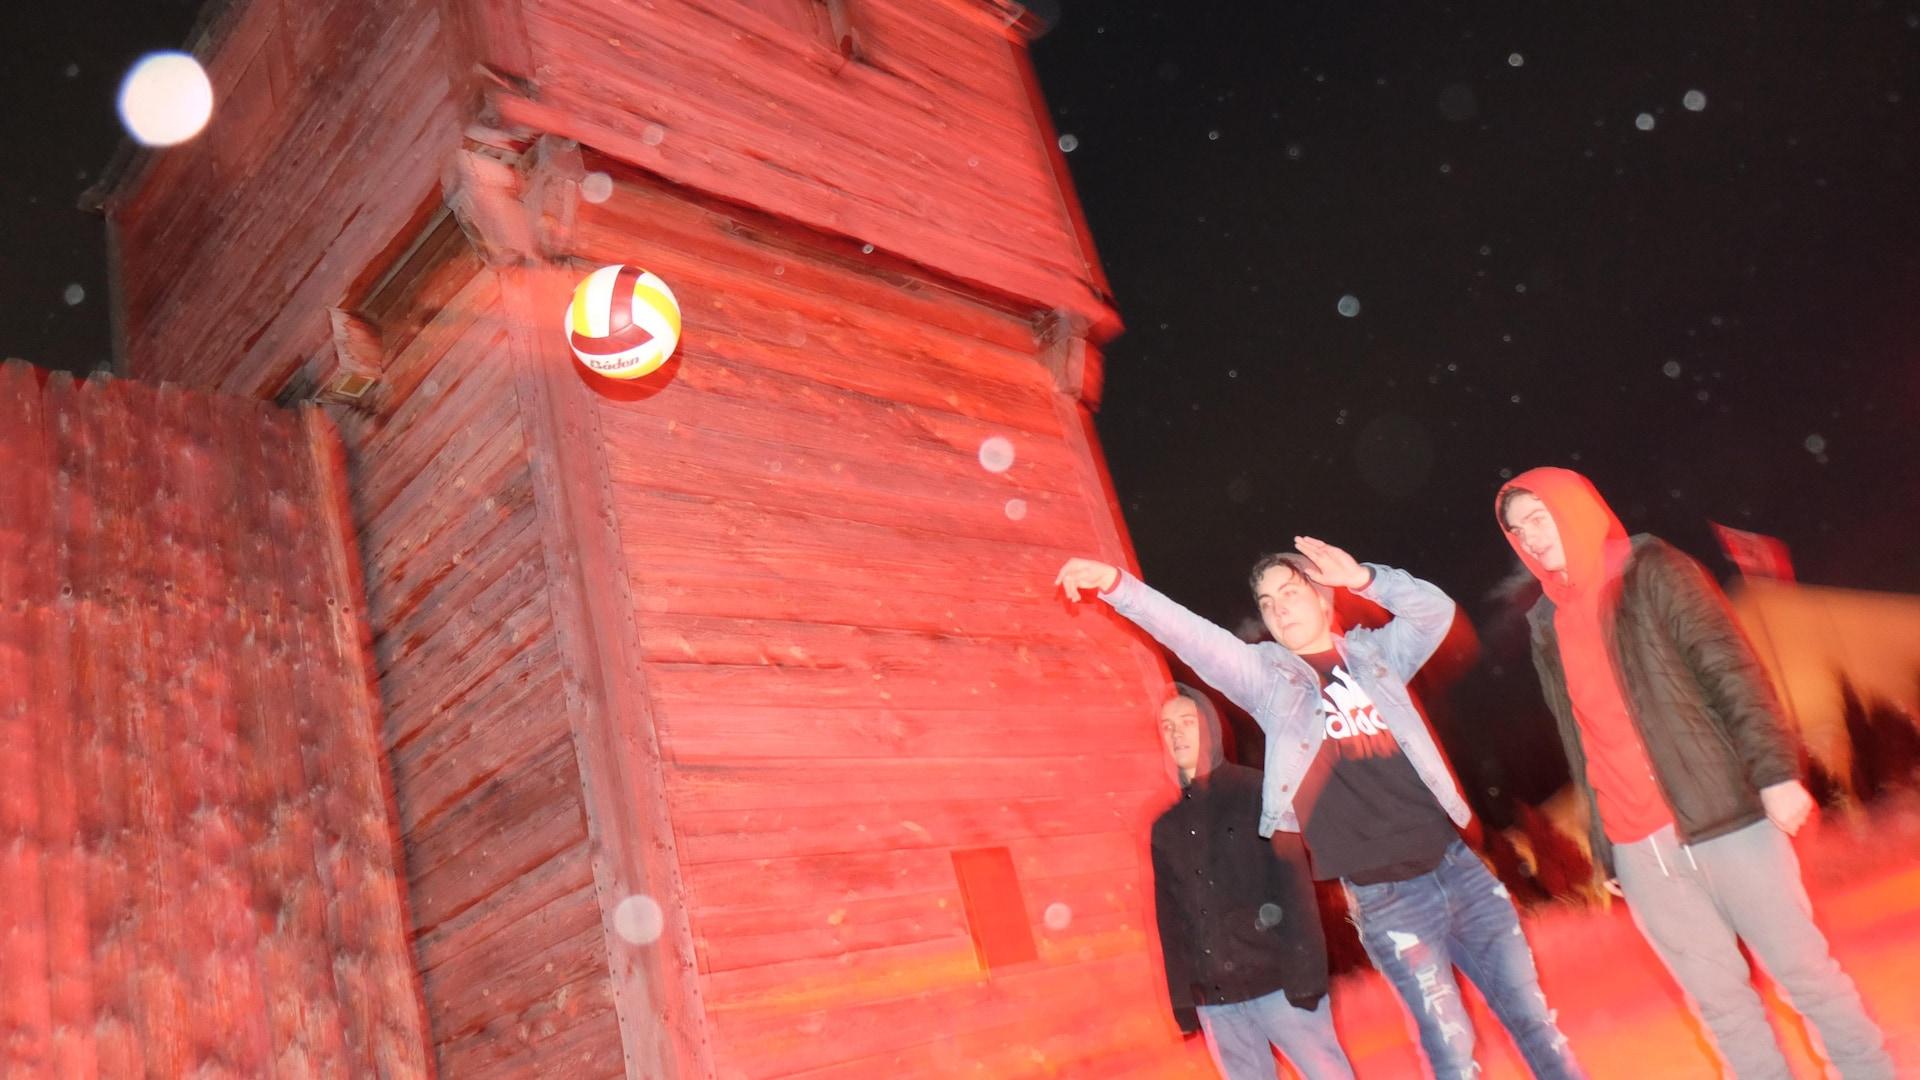 Des jeunes lancent un ballon dans la nuit, sous une légère neige.